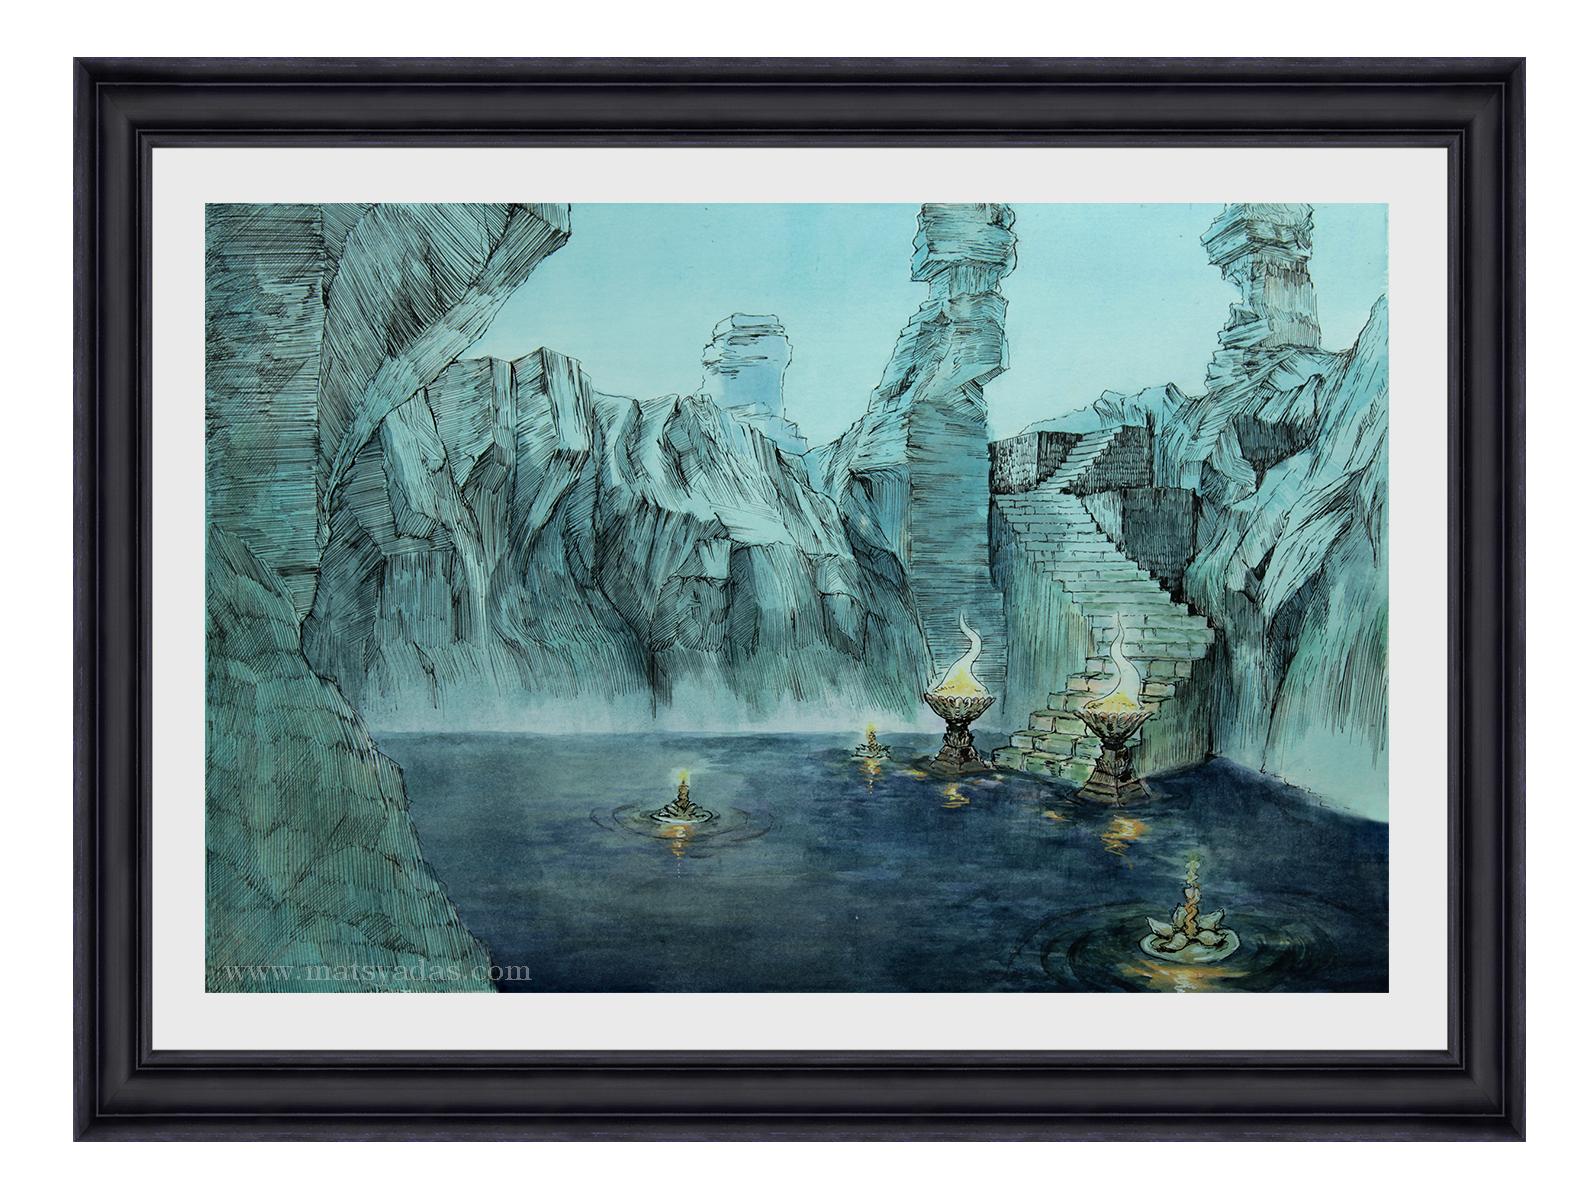 Lake of Rememberance - Original Painting, US$595,00